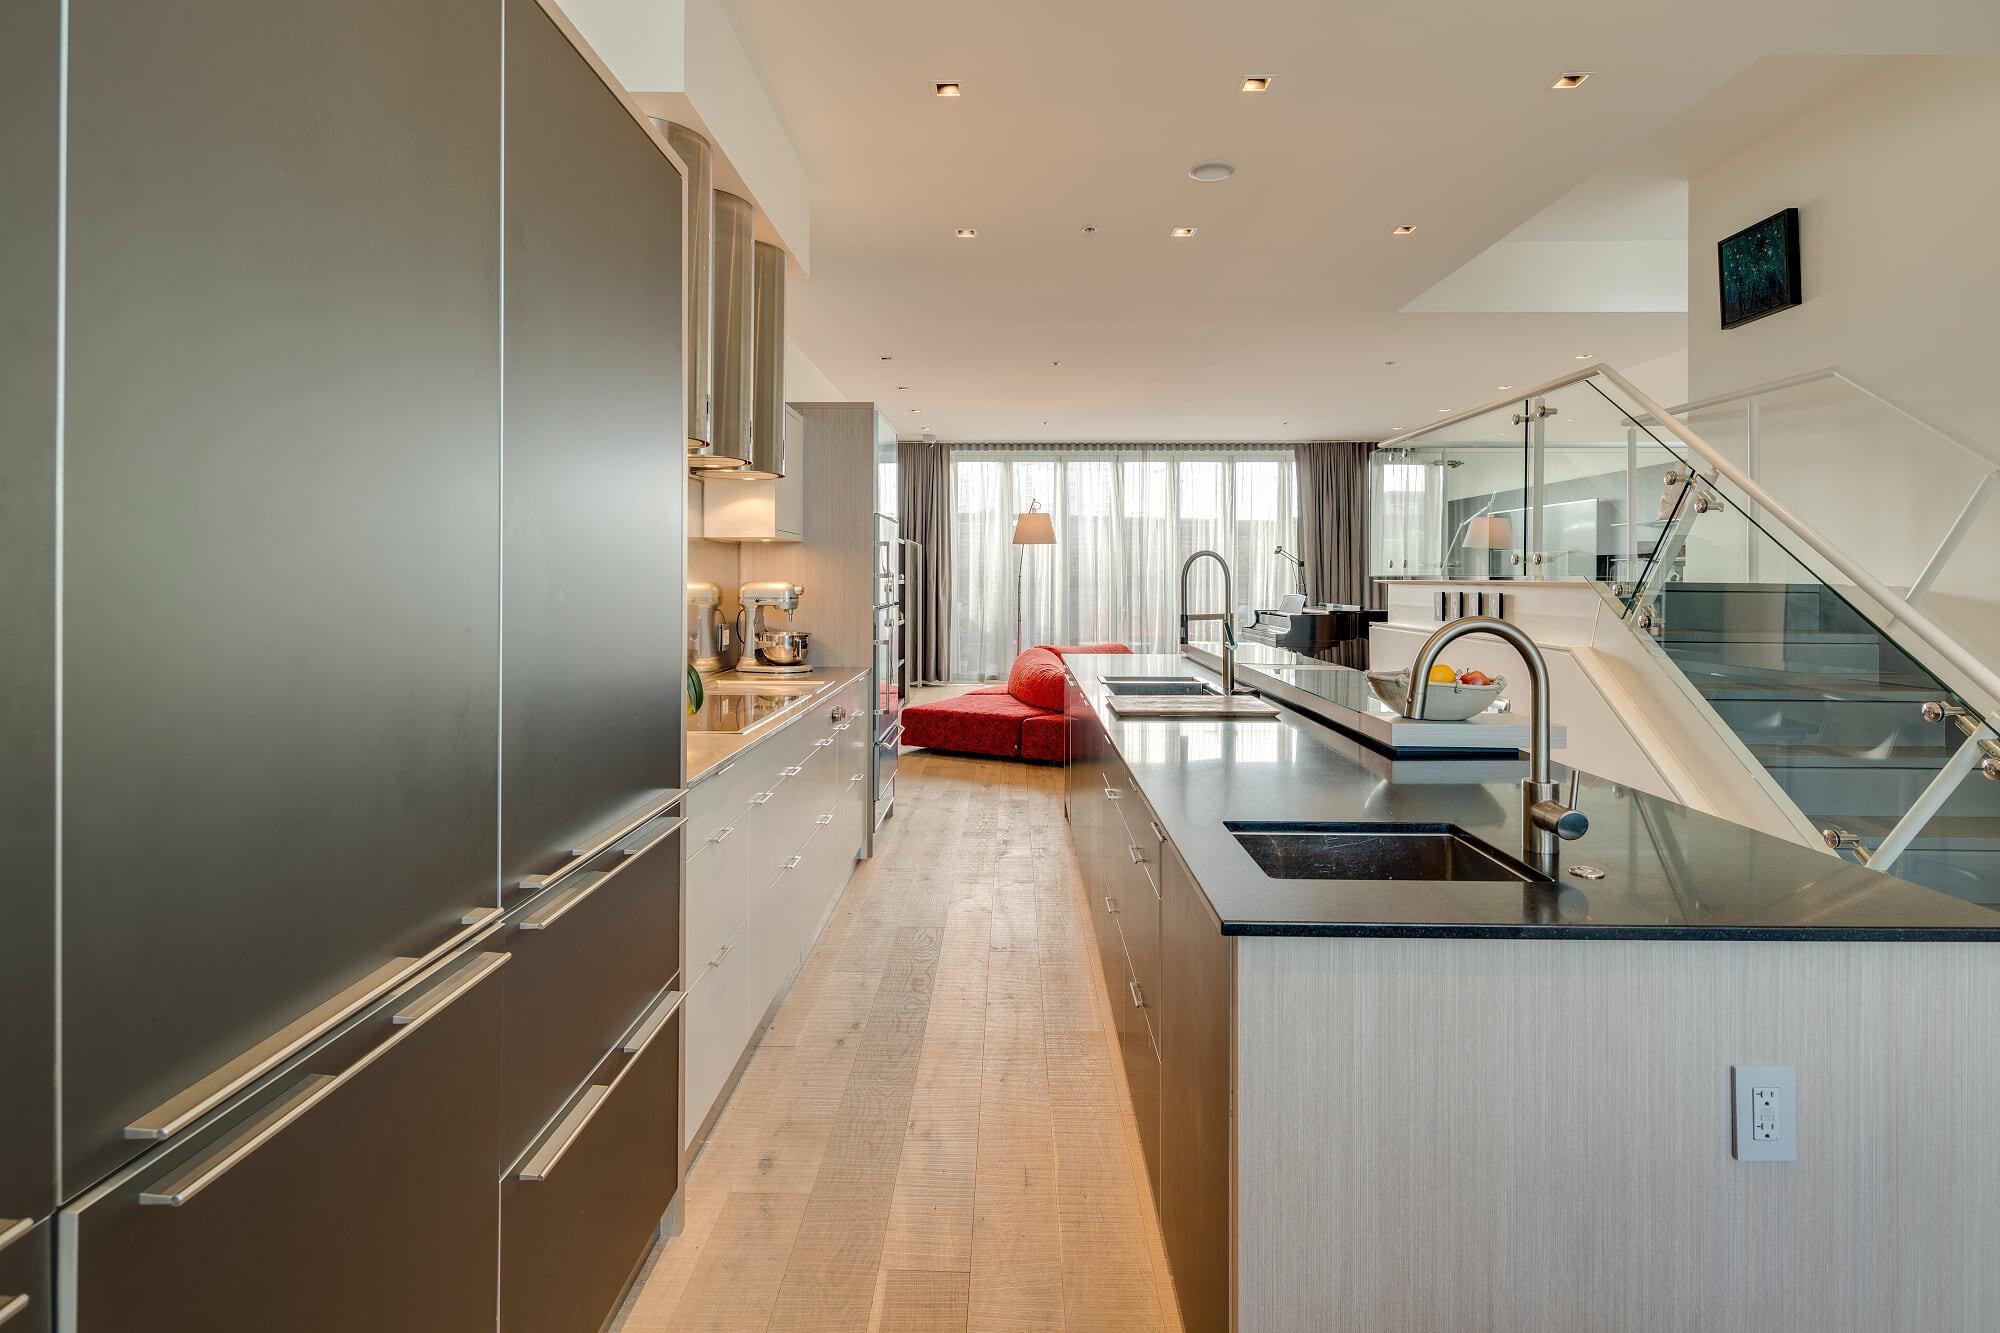 wsi-imageoptim-Modern-Vancouver-kitchen-apt-reno.jpg